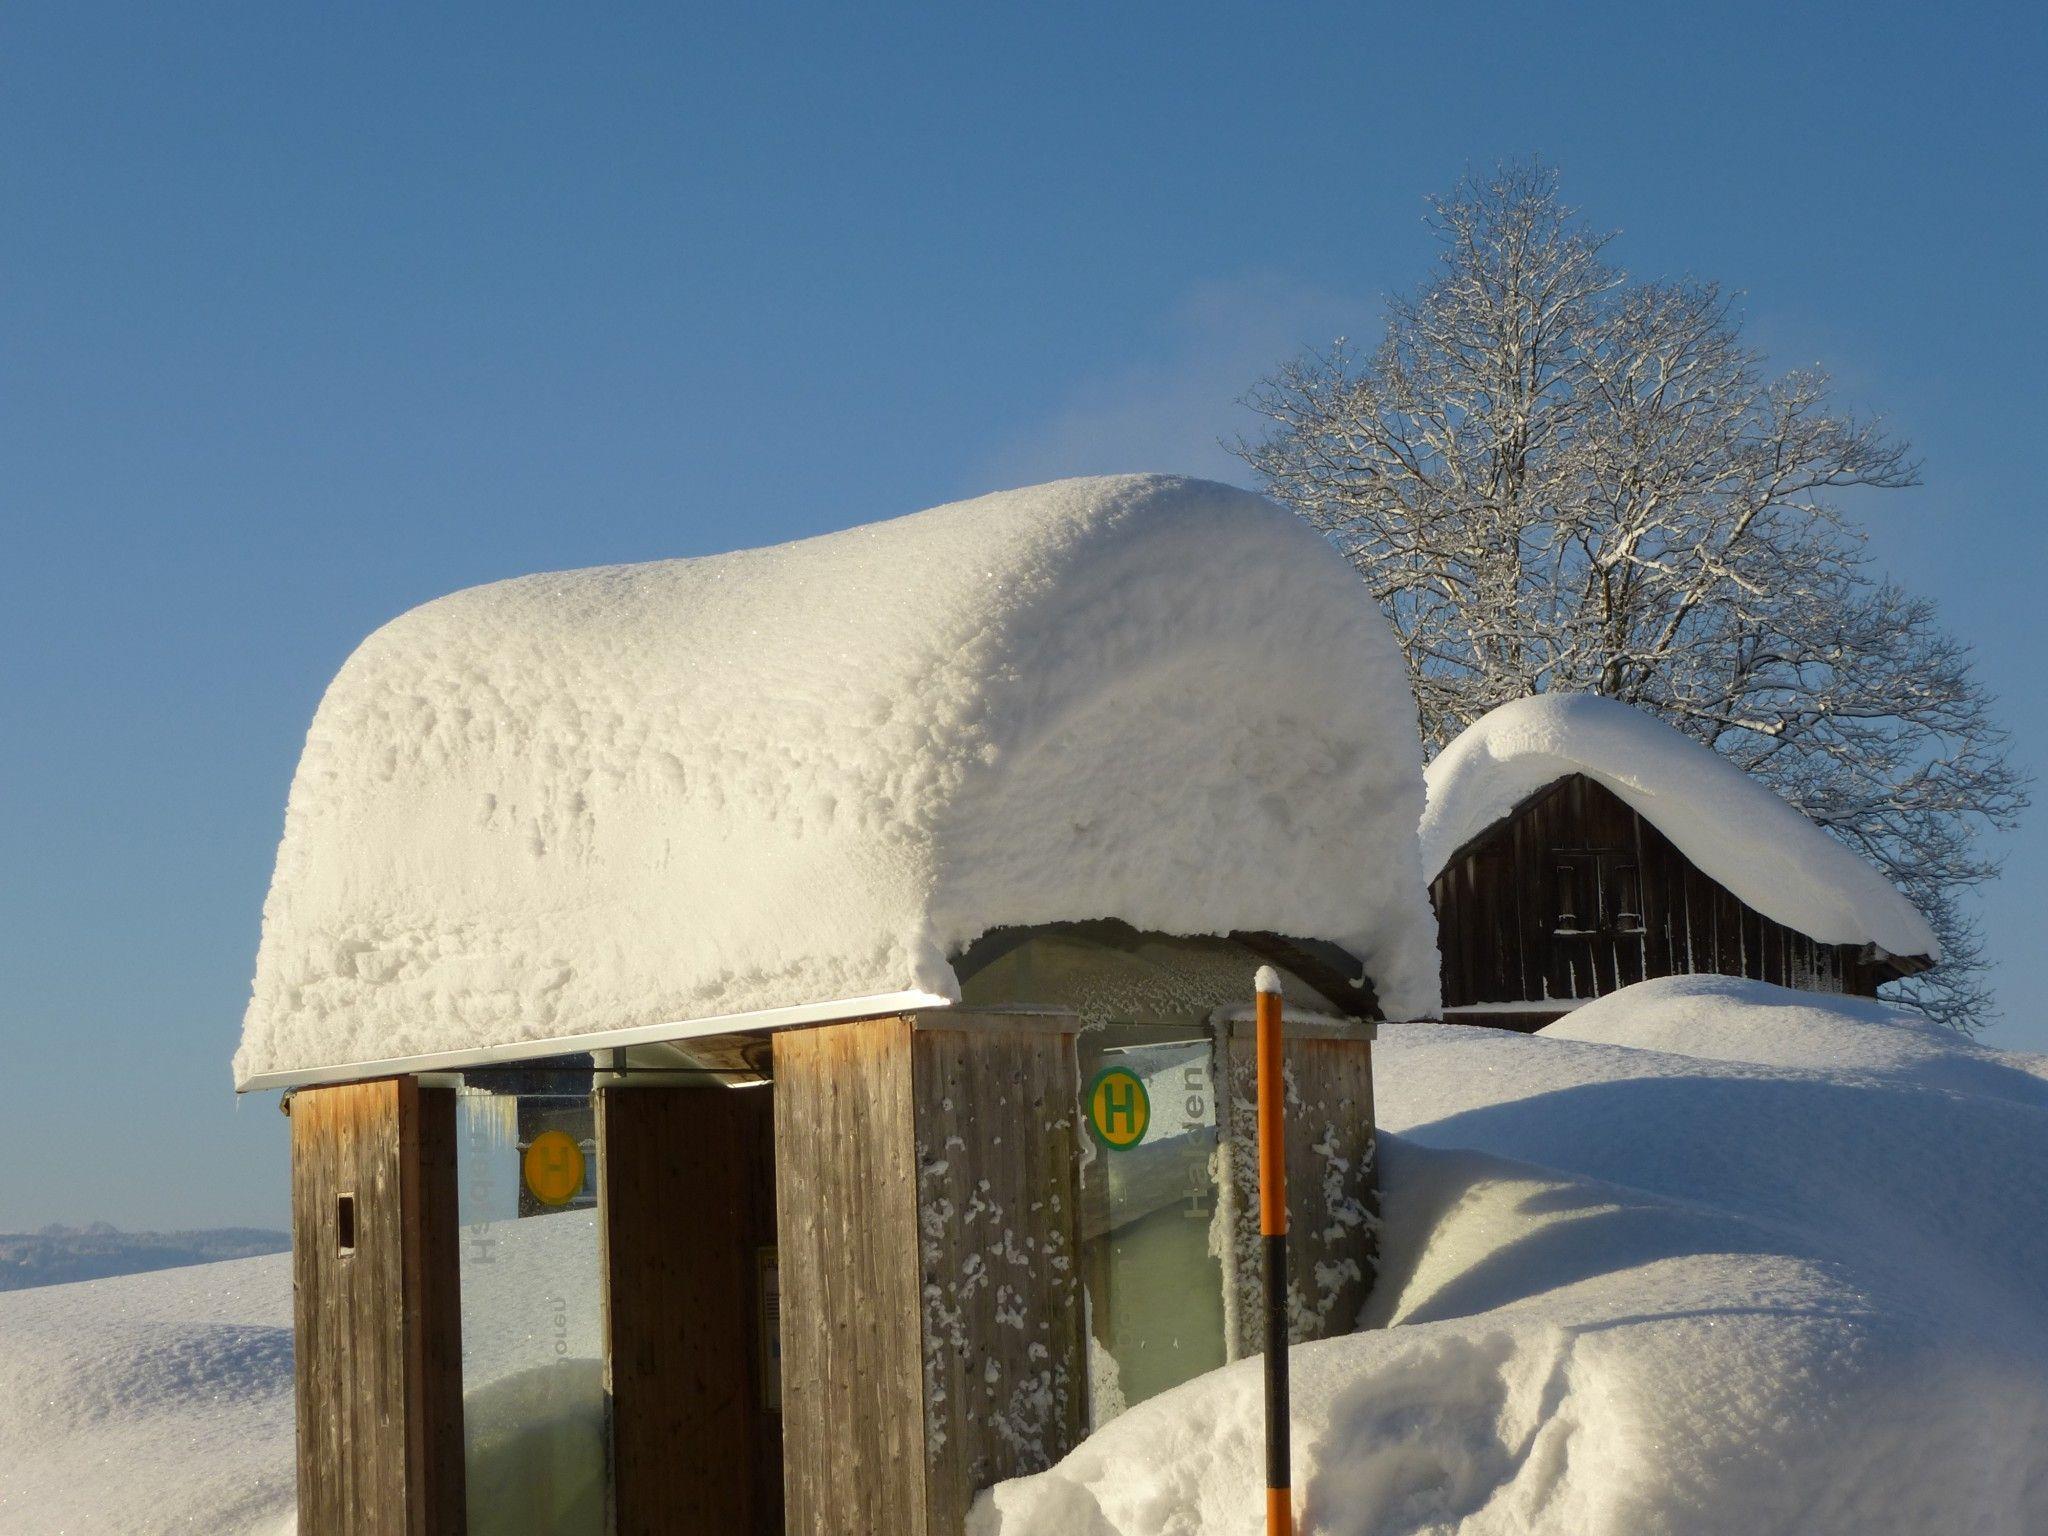 Winter-Wonderland in Doren